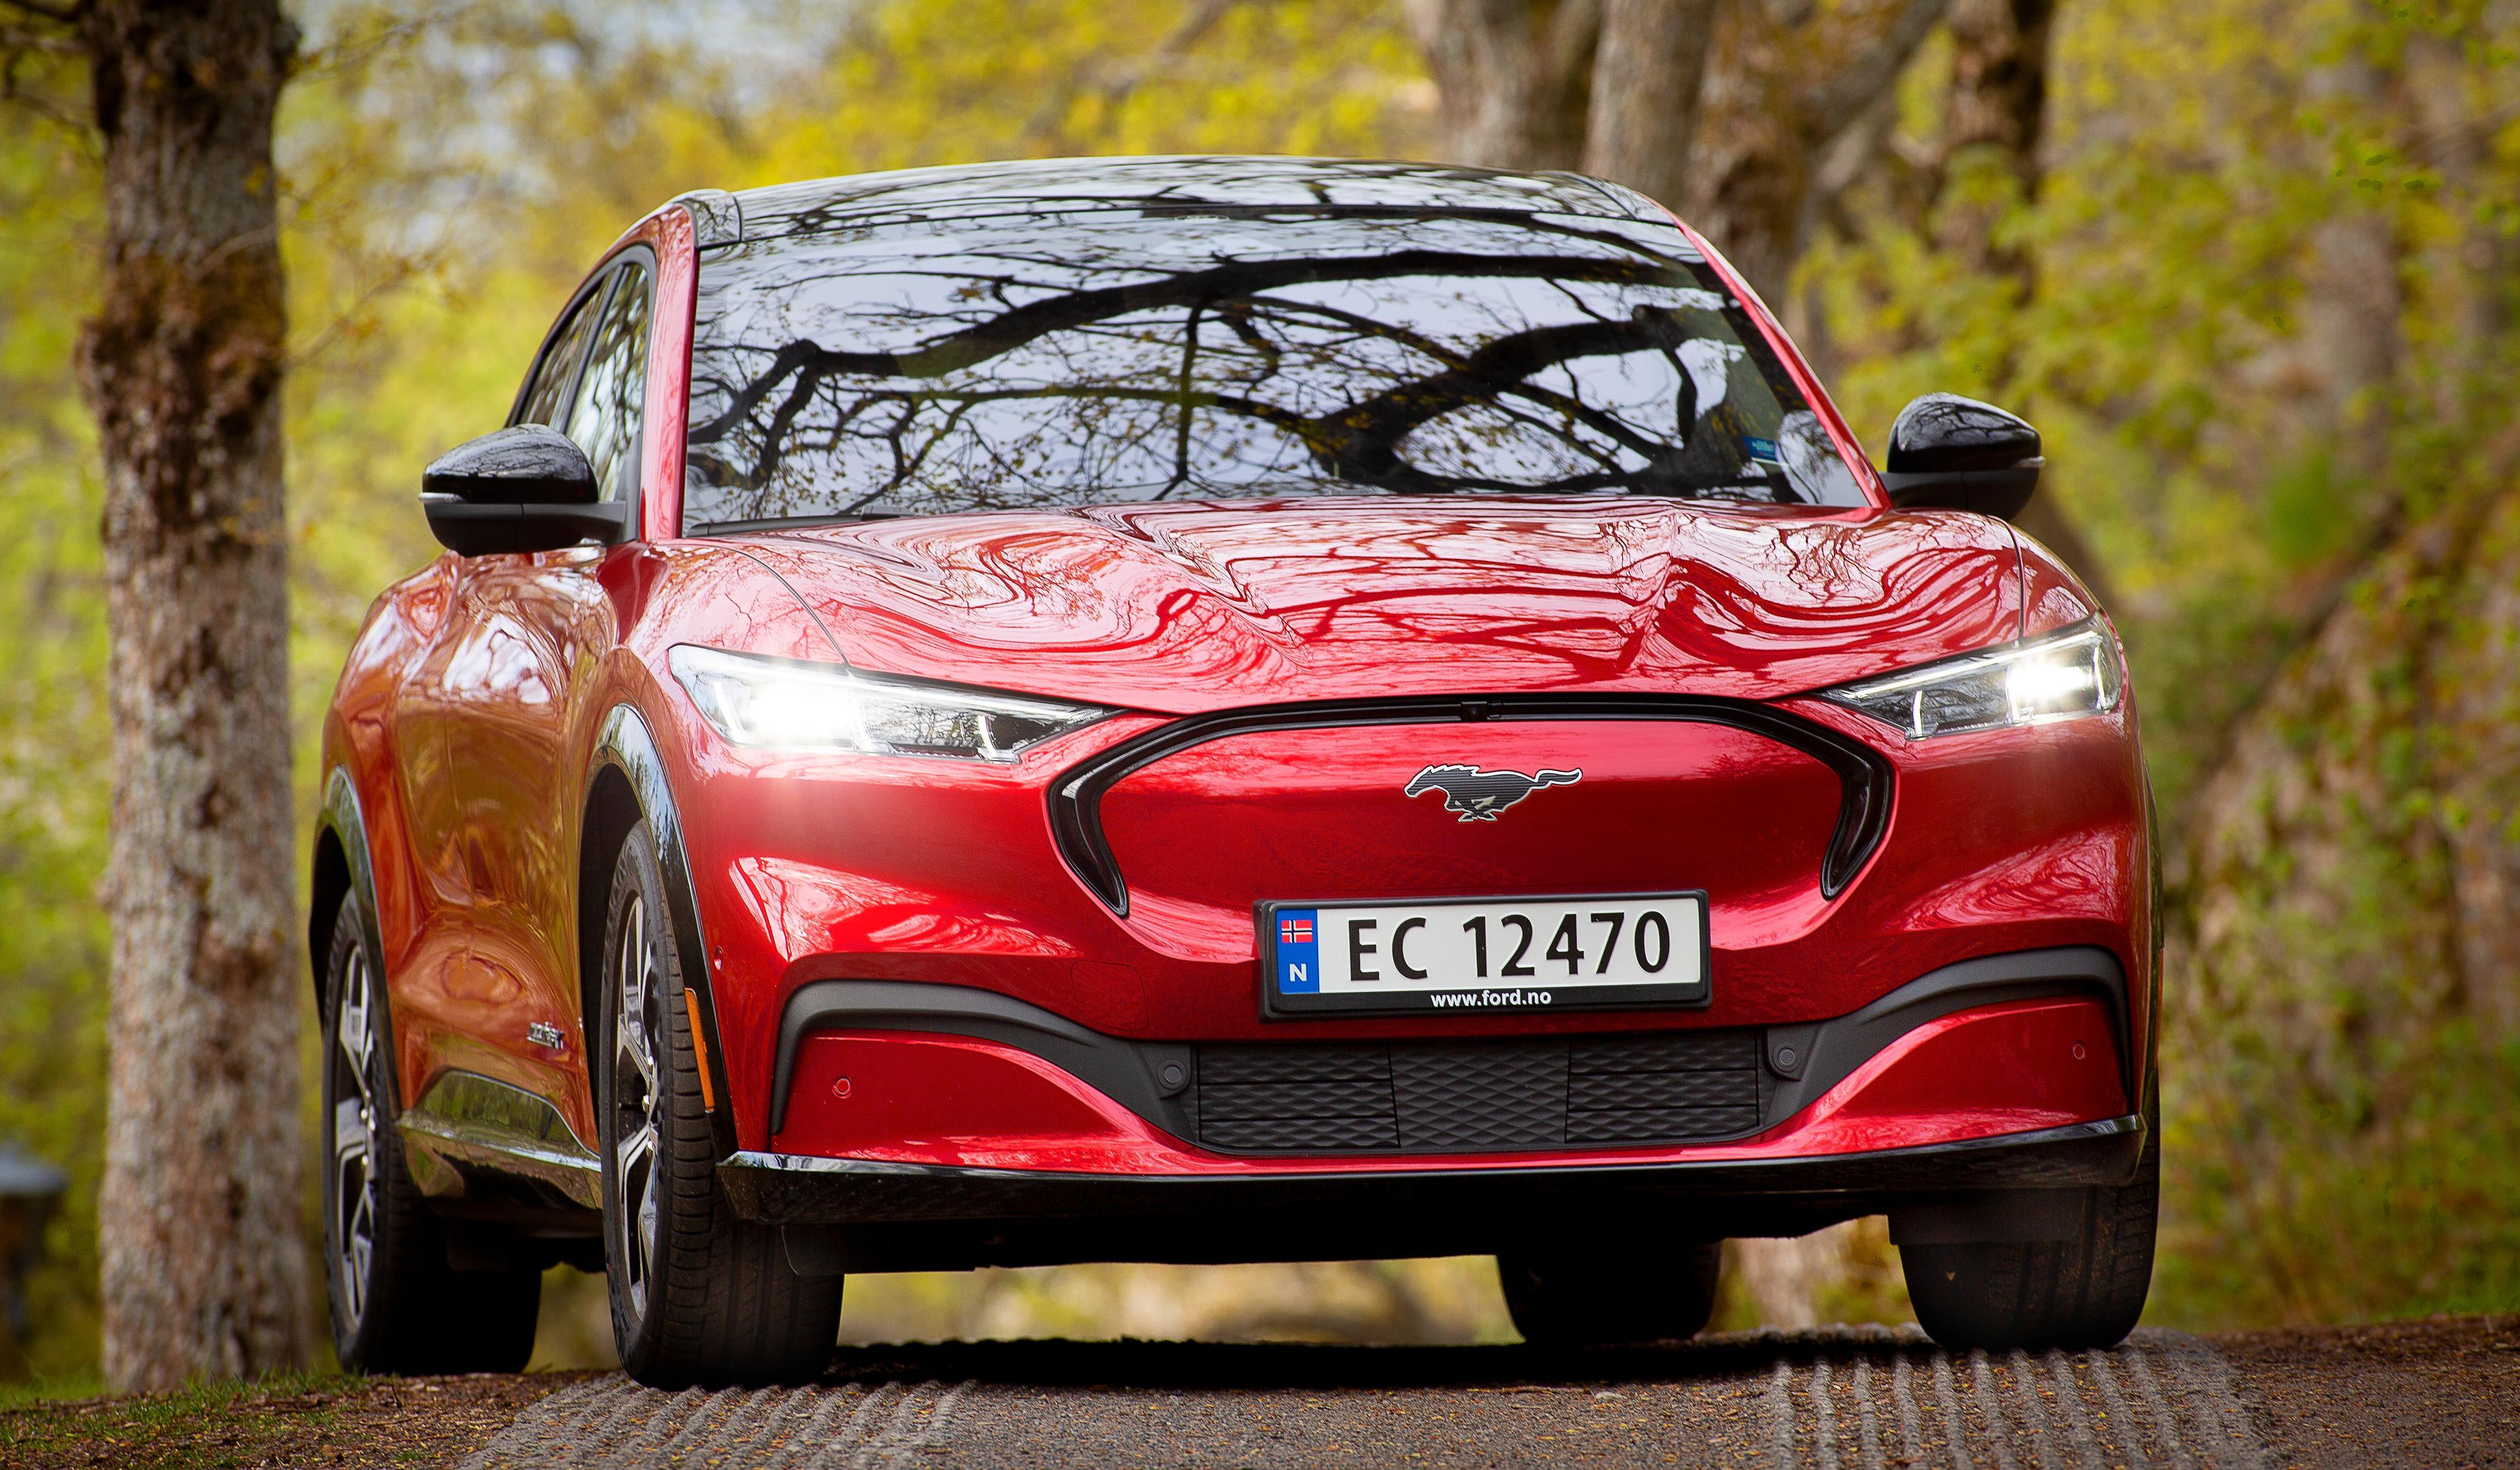 Hold deg i Norge, så kan du få bilen din, er beskjeden Ford-forhandlere har gitt Mustang Mach-E-kunder i Norge de siste par ukene. Nå skal problemet være løst, ifølge Ford.